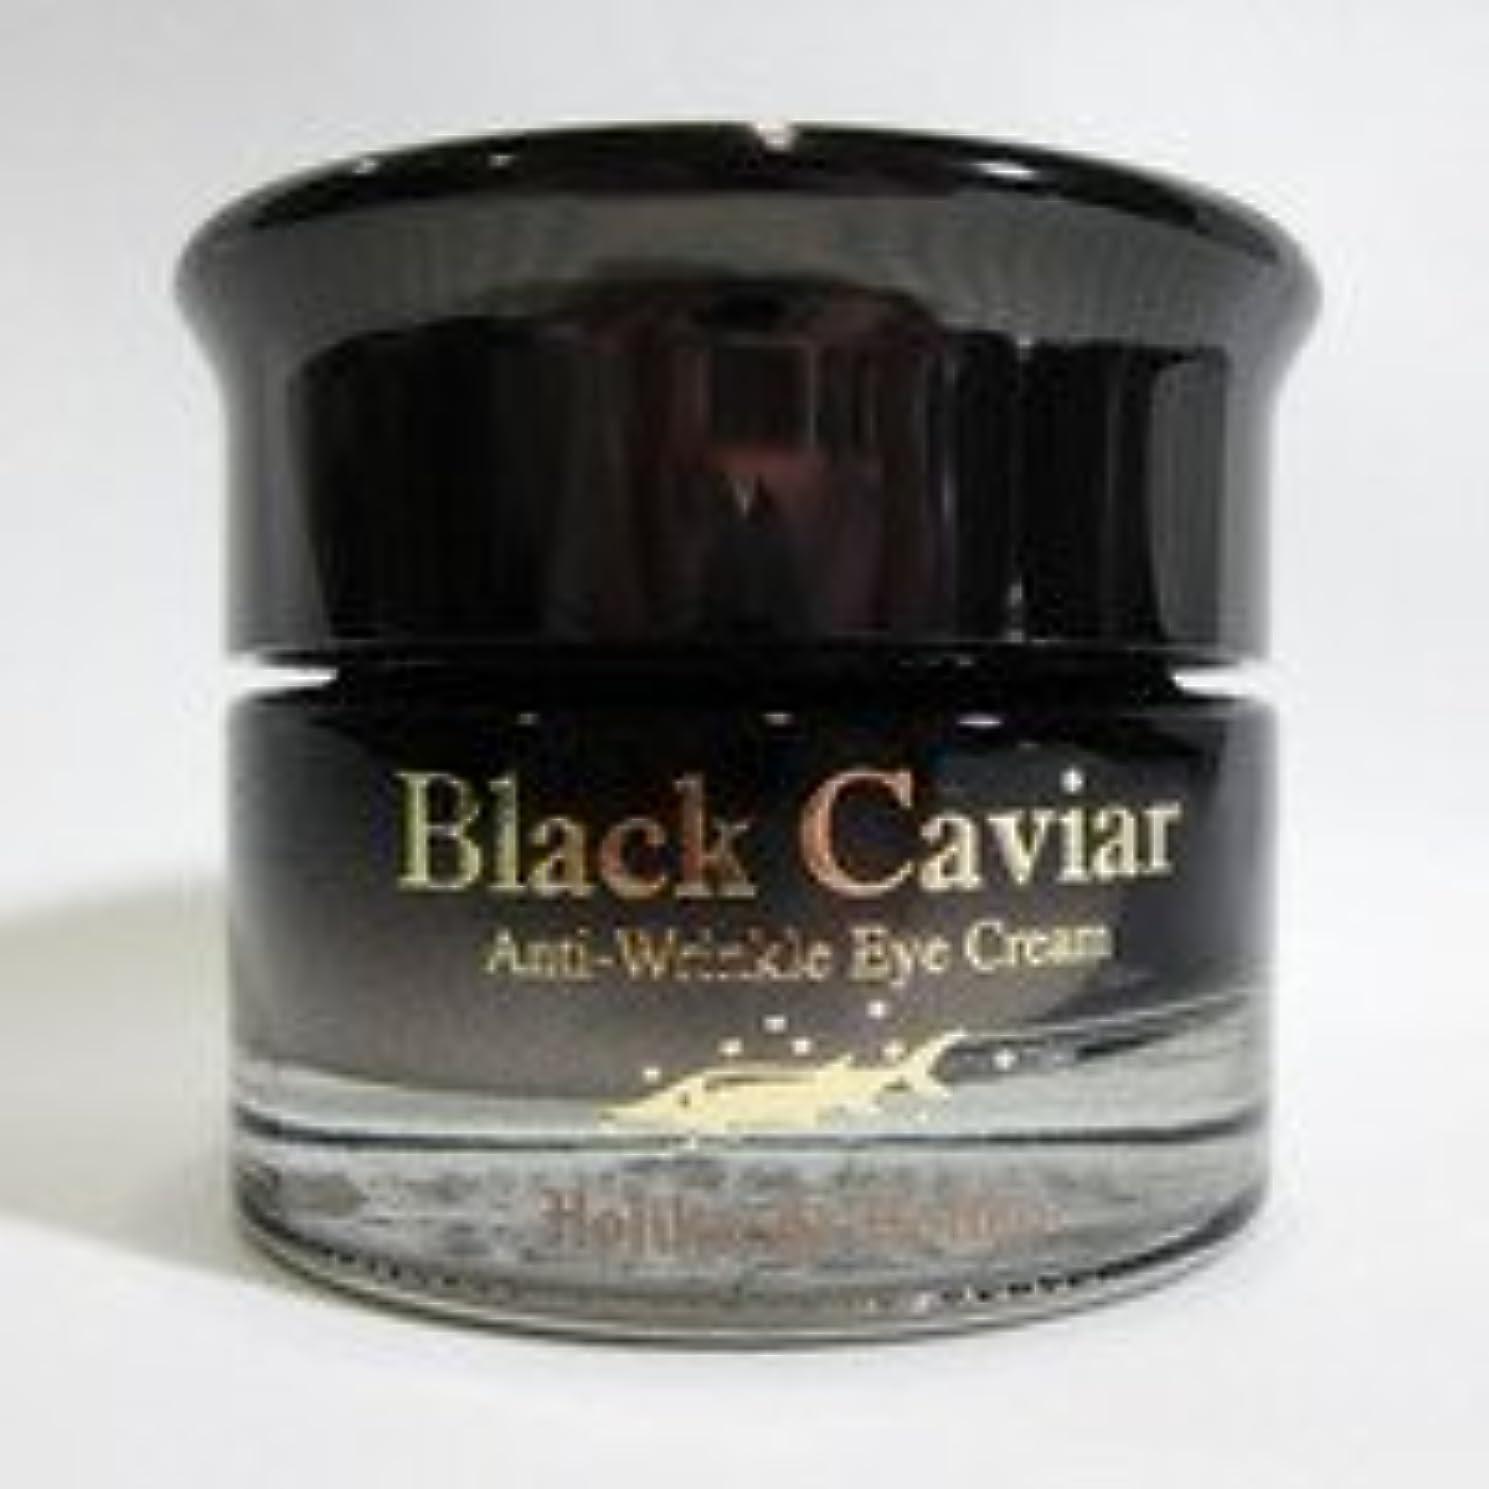 香りなぜ良さHolika Holika ホリカホリカ ブラックキャビア アンチリンクル クリーム Black Caviar Anti-Wrinkle Cream